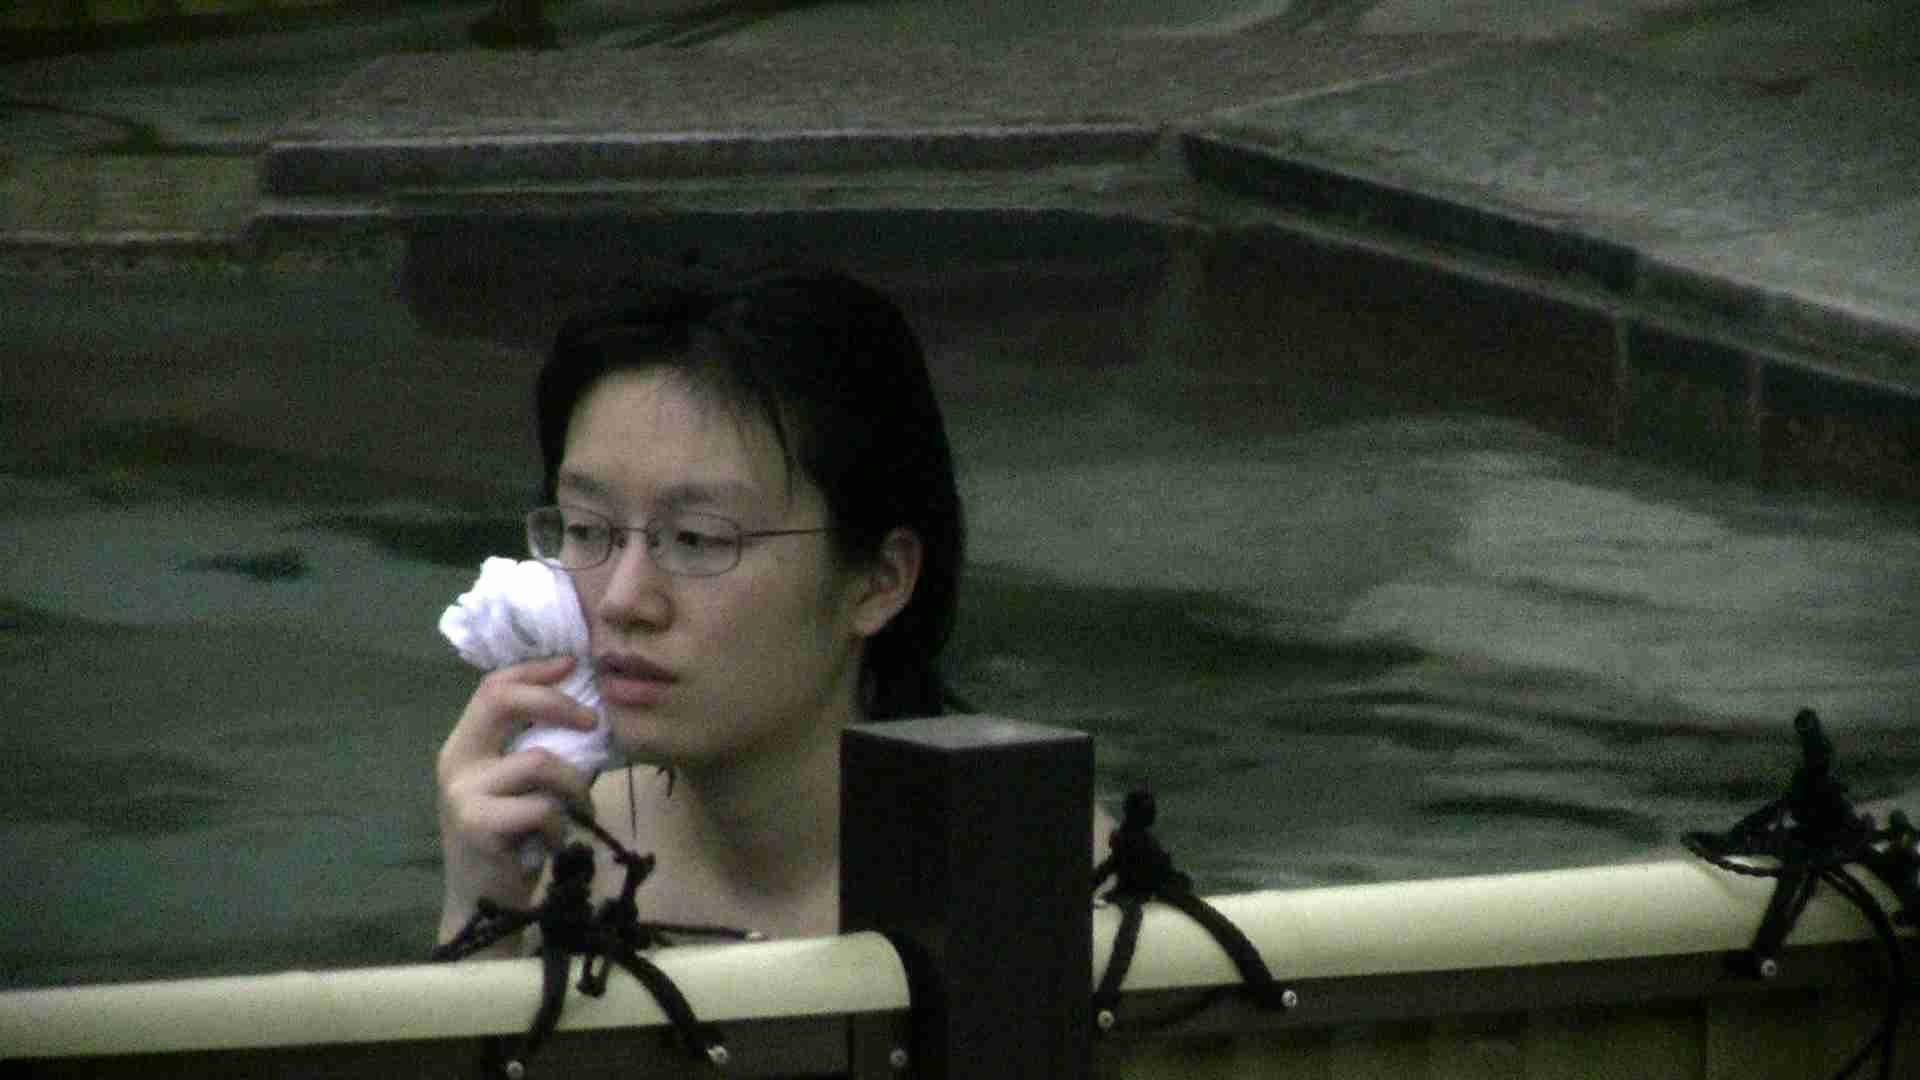 Aquaな露天風呂Vol.684 露天 オマンコ動画キャプチャ 87pic 39